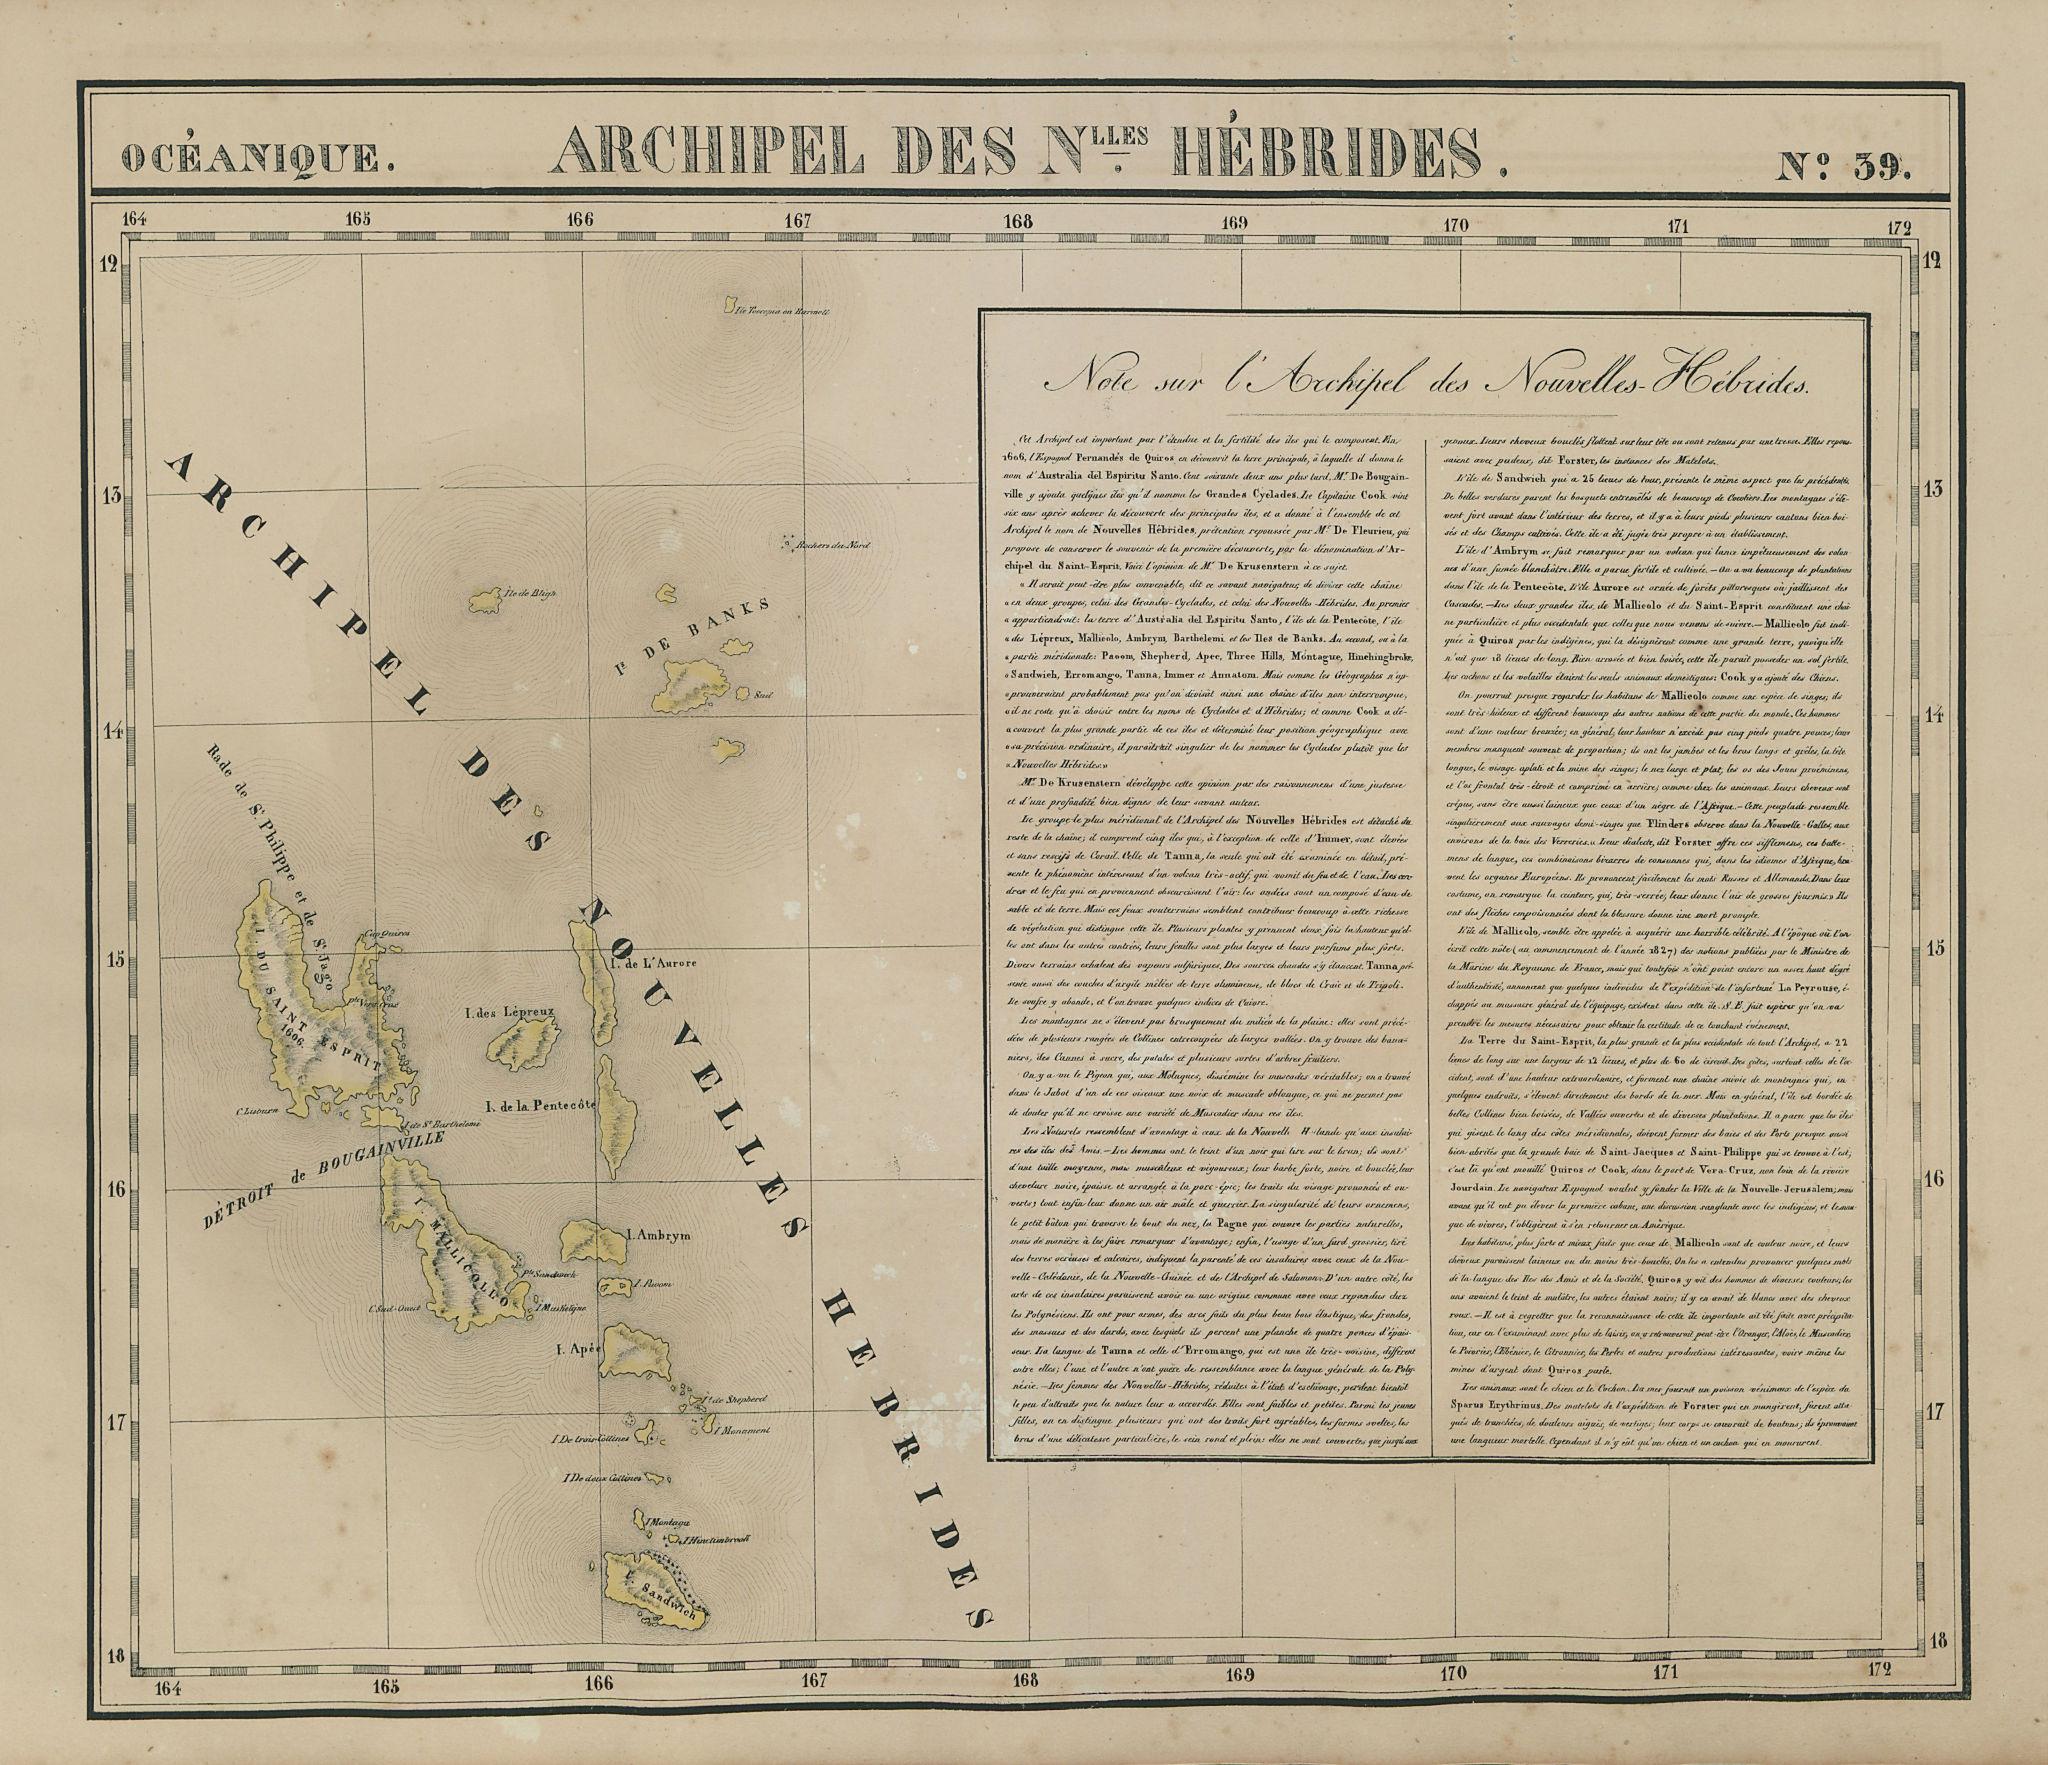 Océanique. Archipel des Nouvelle Hébrides #39. Vanuatu. VANDERMAELEN 1827 map